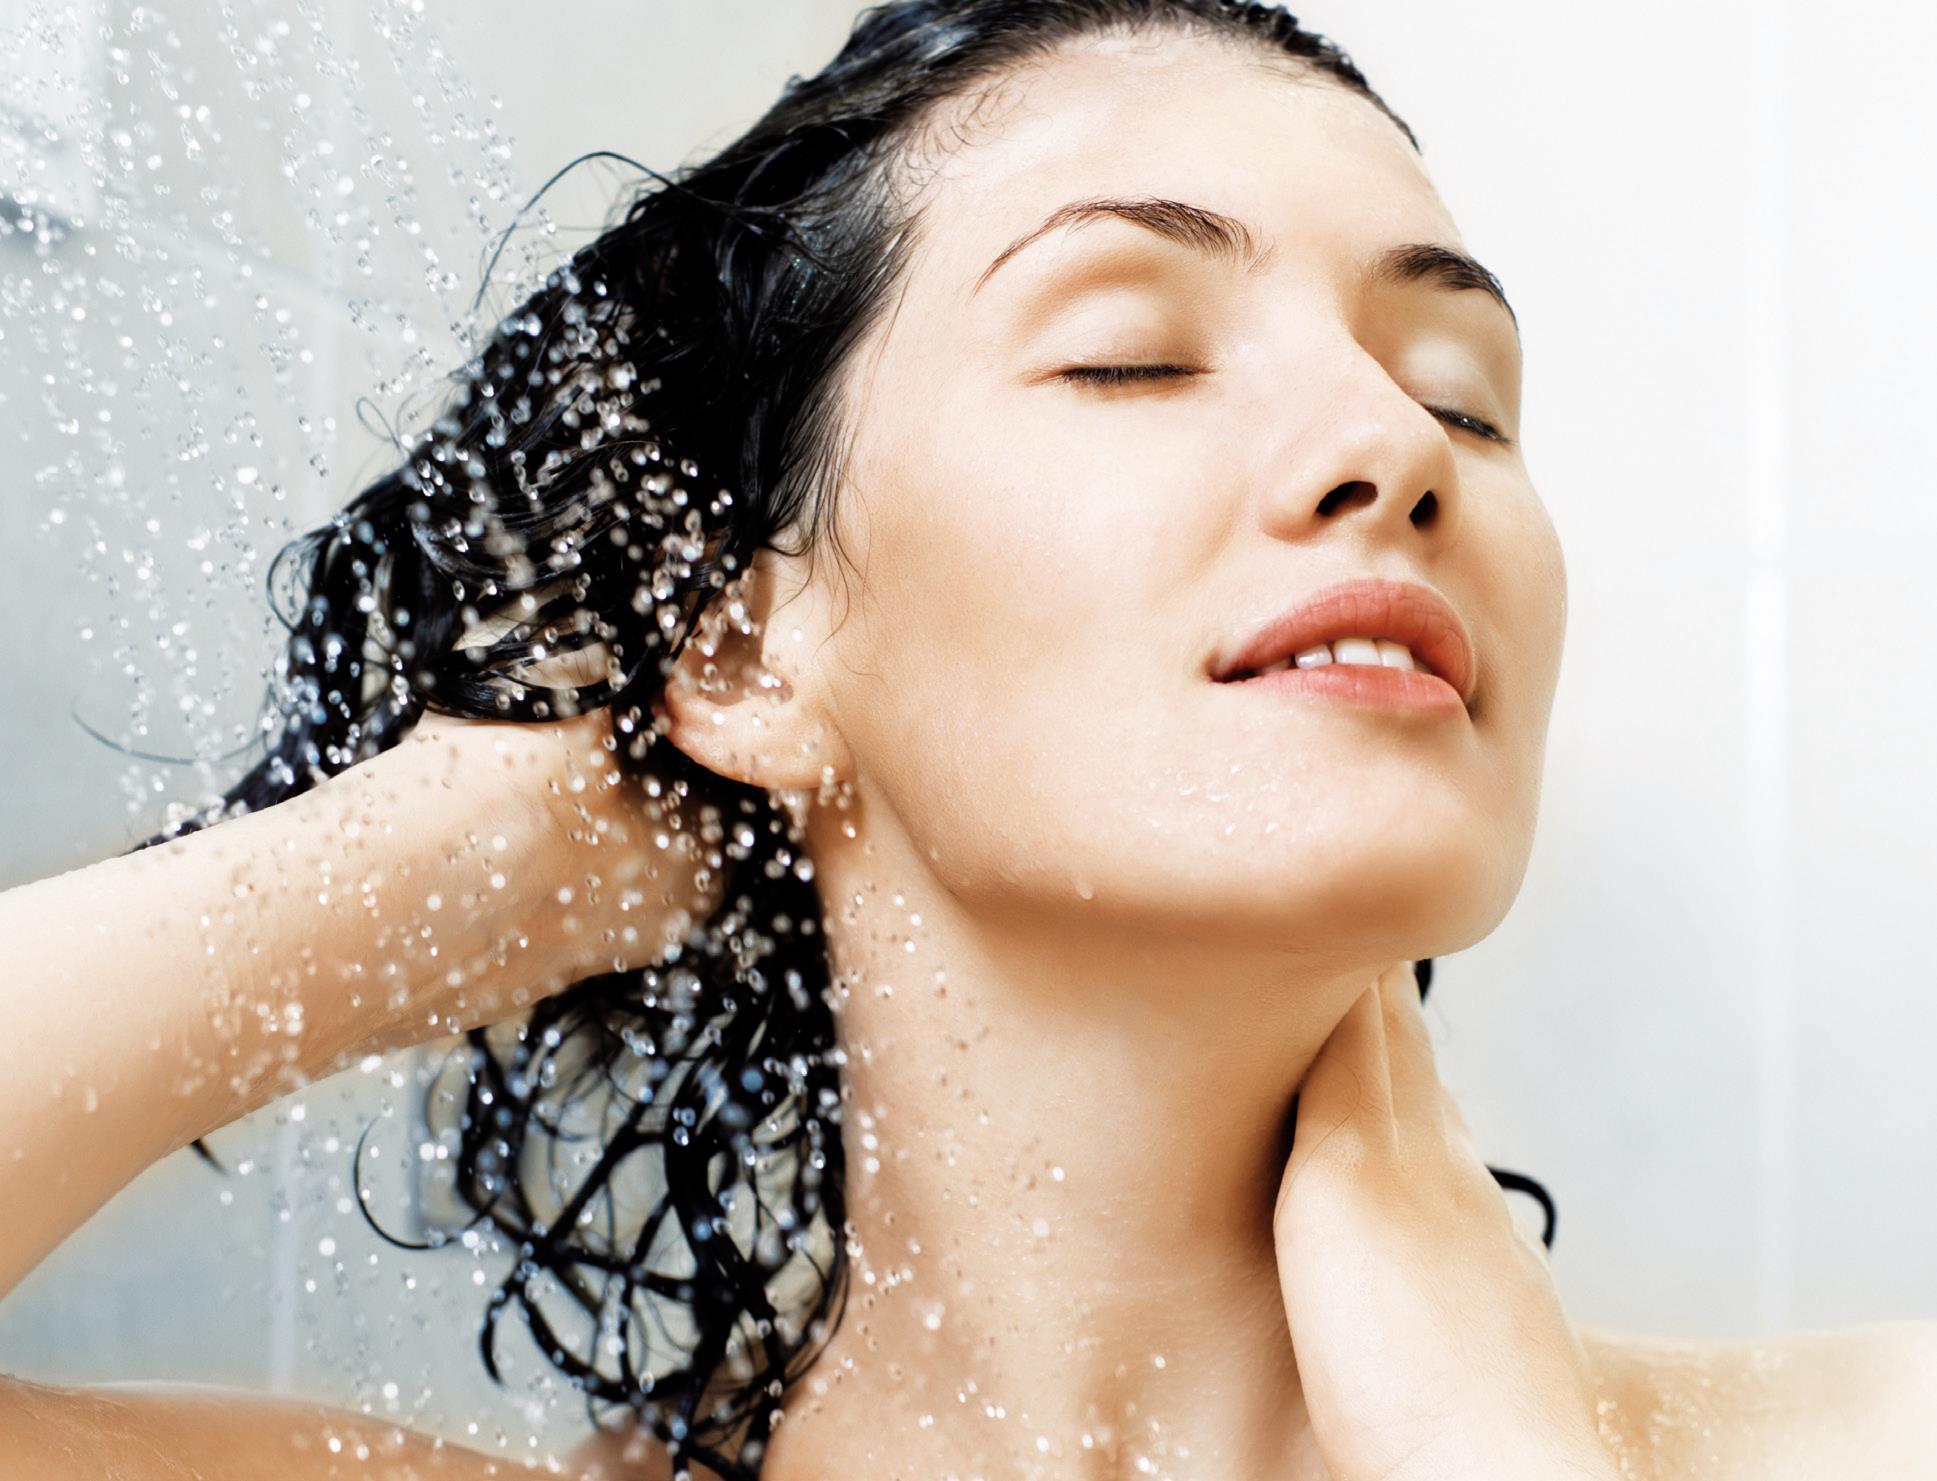 Da bạn luôn cần được giữ ẩm.